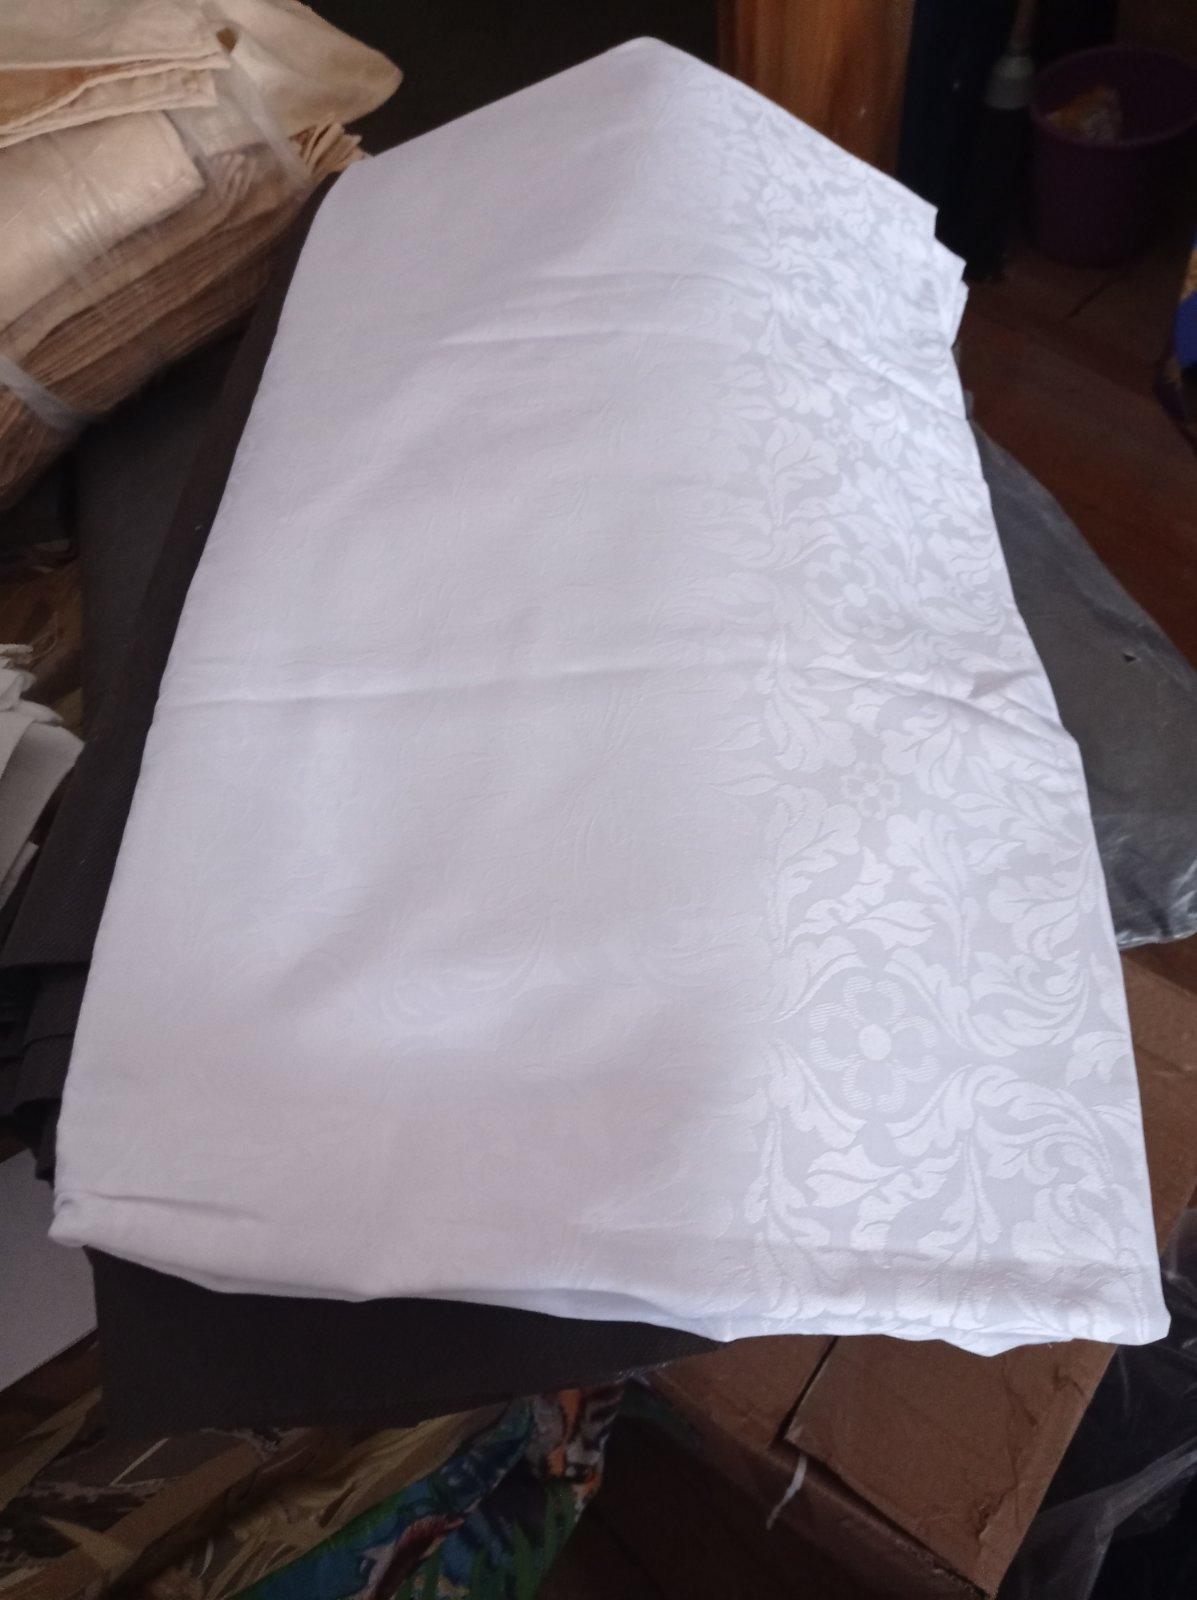 Скатерть белая 180*150 (6 салфеток) складские остатки